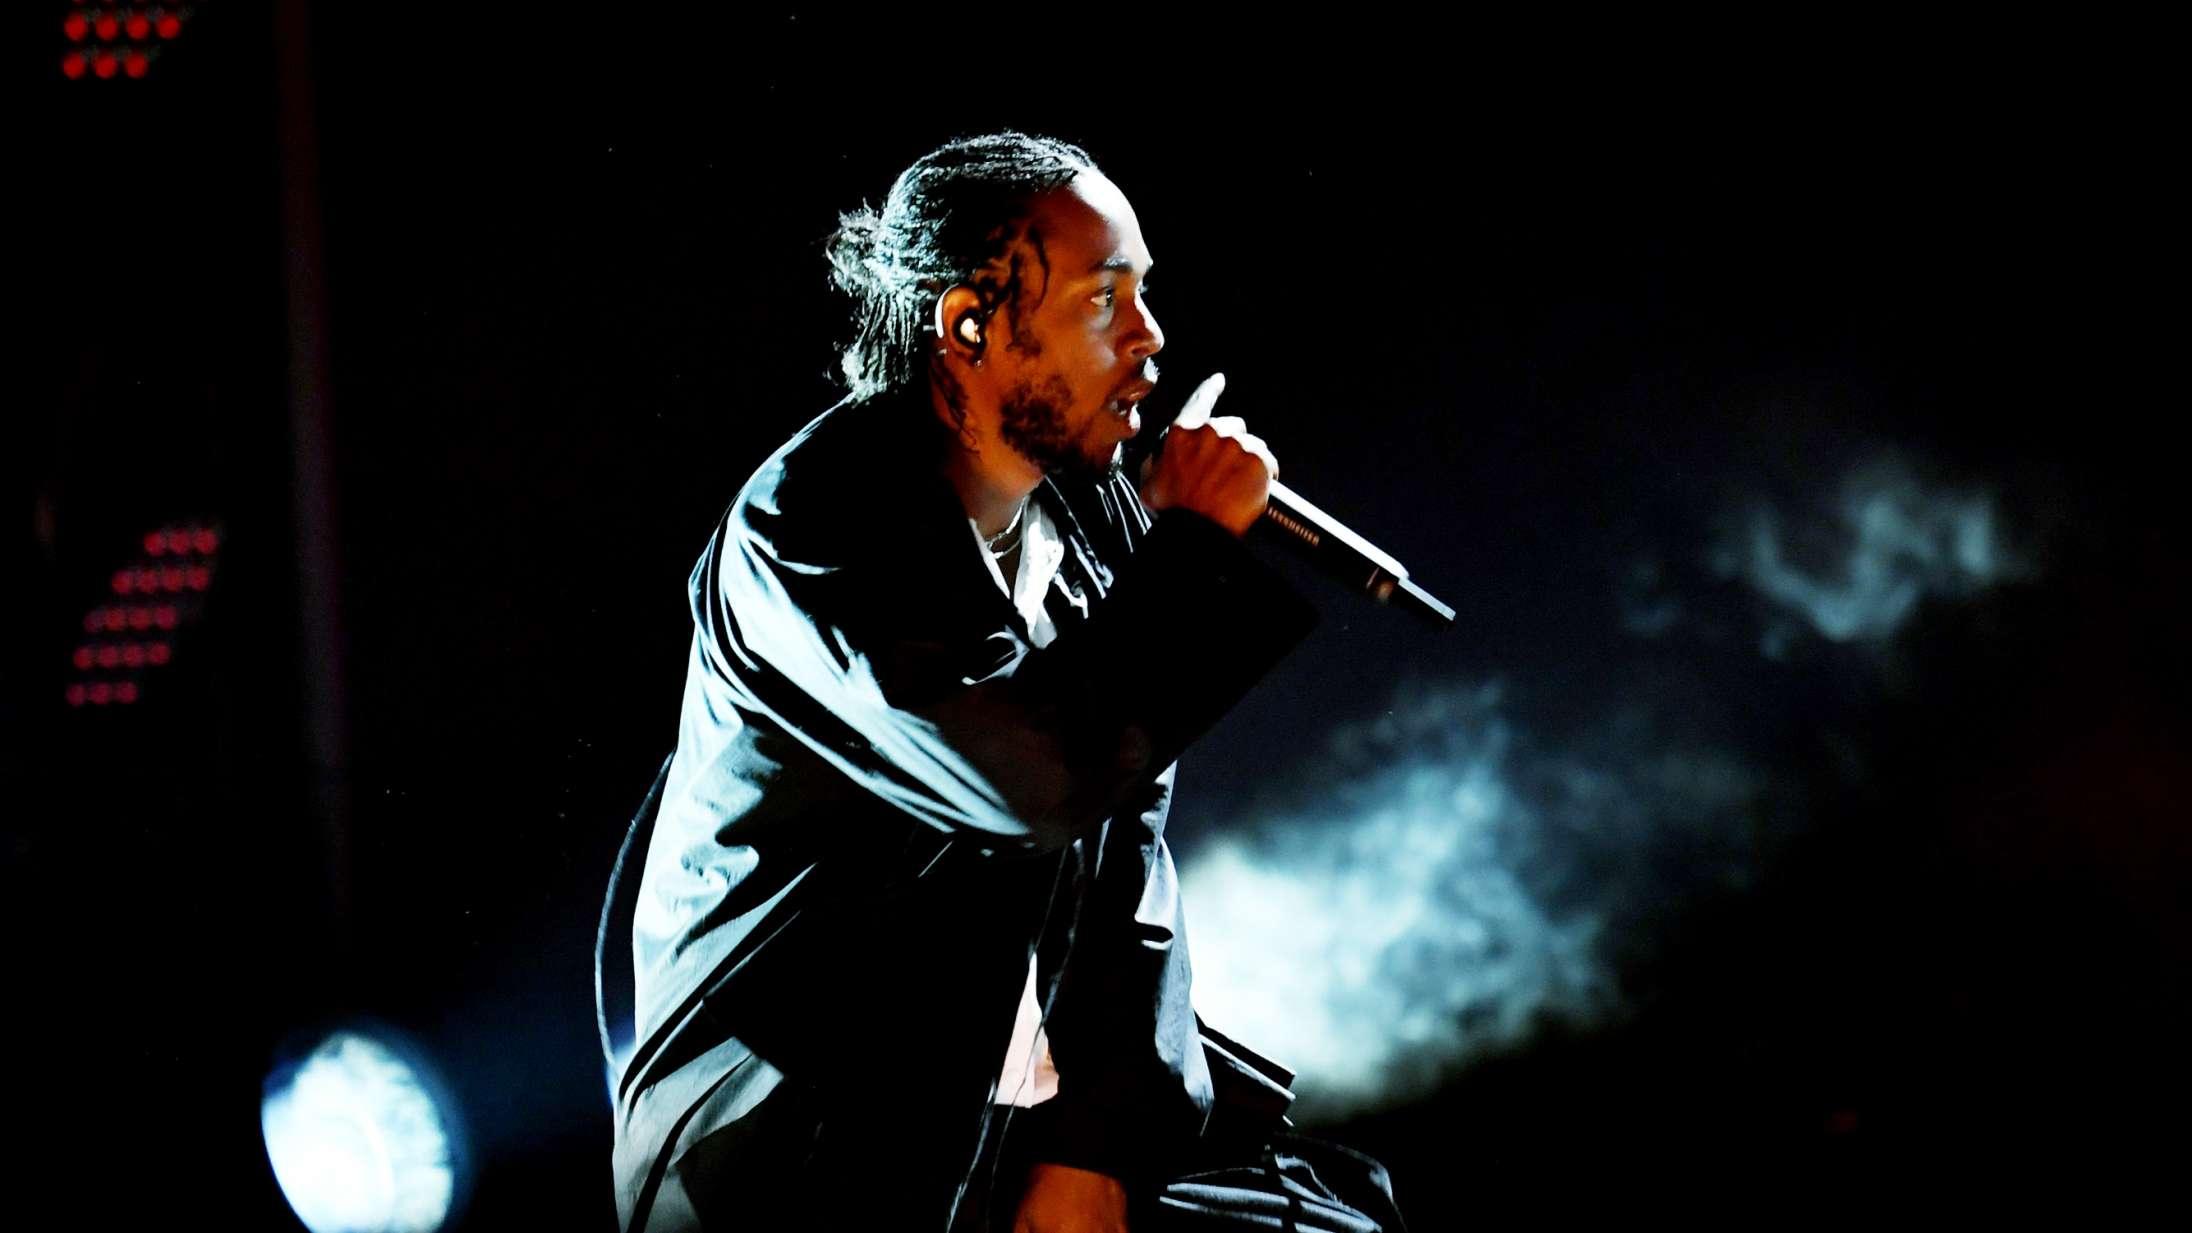 Bekræftet: Et nyt Kendrick Lamar-album eksisterer